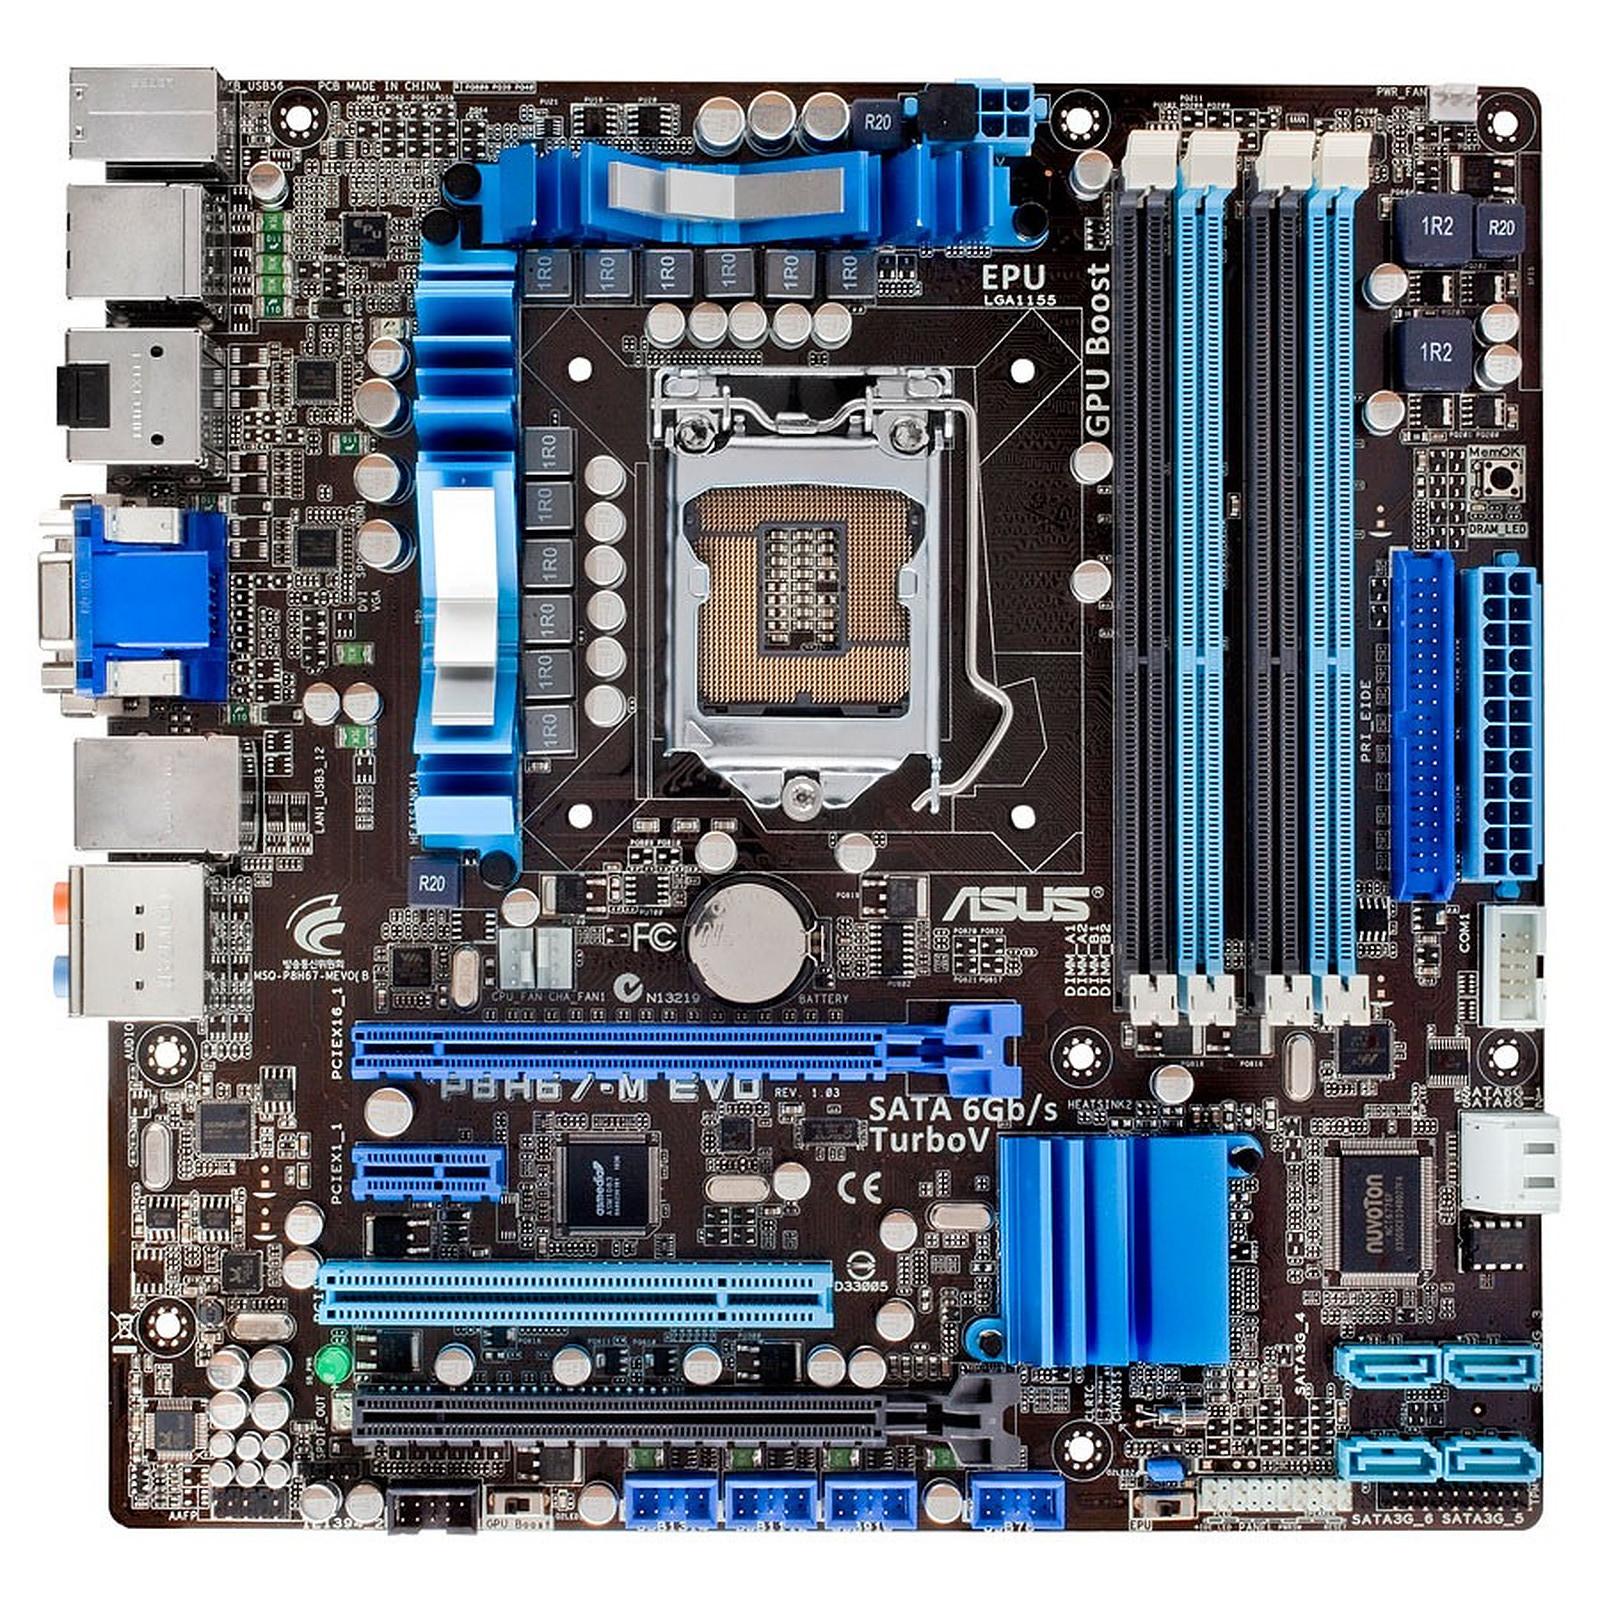 Asus P8H67-M EVO motherboard